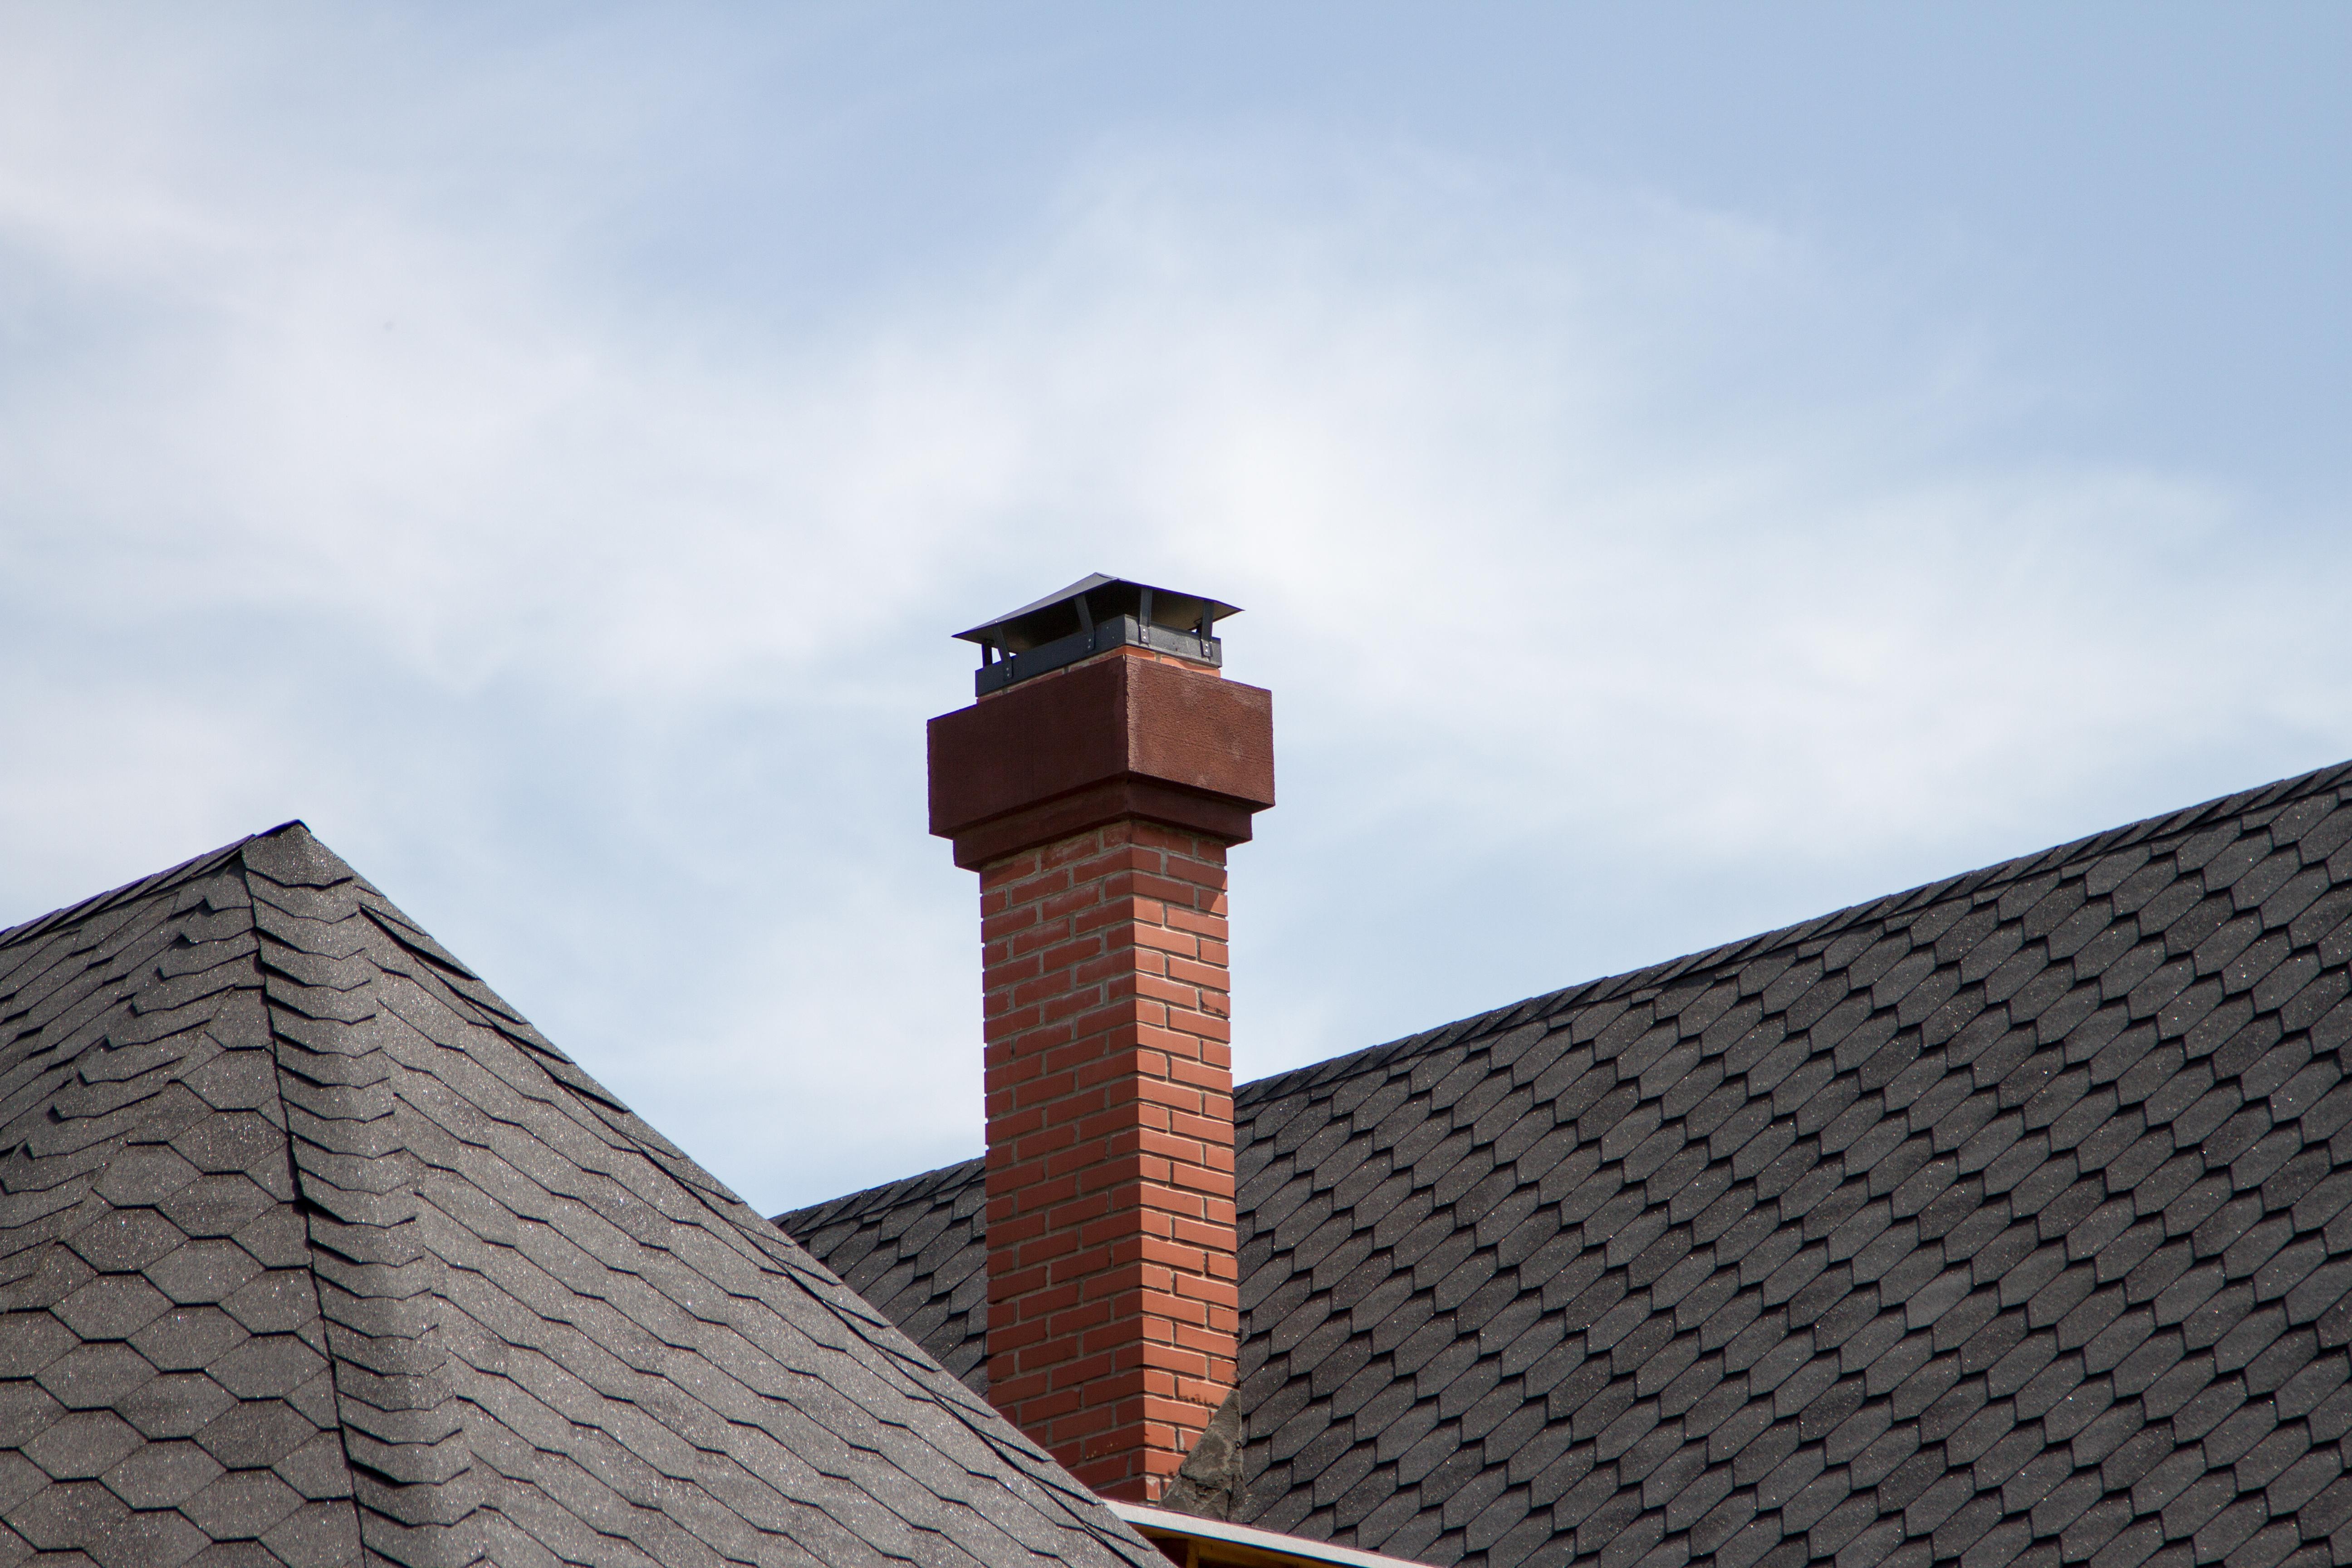 A brick chimney on a house.